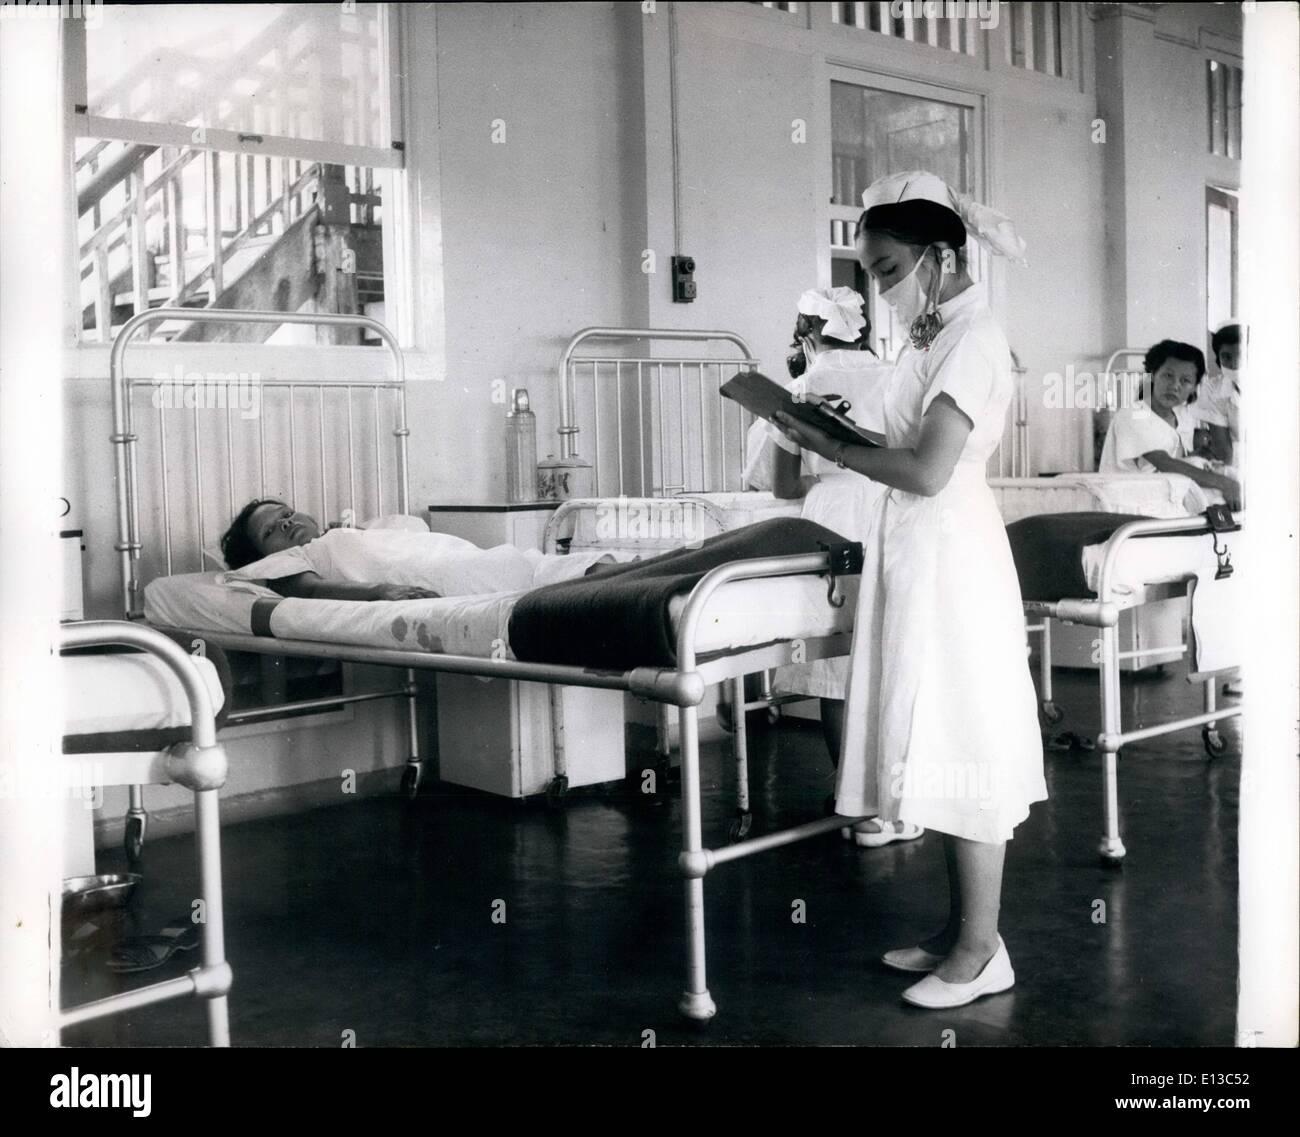 29 février 2012 - Train filles tribales comme sages-femmes: une fois timide, timide filles tribales se transforment en cool, efficace auprès des sages-femmes de l'Hôpital général de Kuching. Ils vont revenir à leurs longues maisons communales de la tribu pour aider à réduire les taux de mortalité infantile. Ce contrôle dans un dossier du patient dans le service au cours de sa série de fonctions. Les filles de la jungle comme sages-femmes formées à l'expérience de l'hôpital de Sarawak avec succès deux premières signifie 100 par an visant à réduire la mortalité infantile dans les maisons longues Jungle: Dr Photo Stock